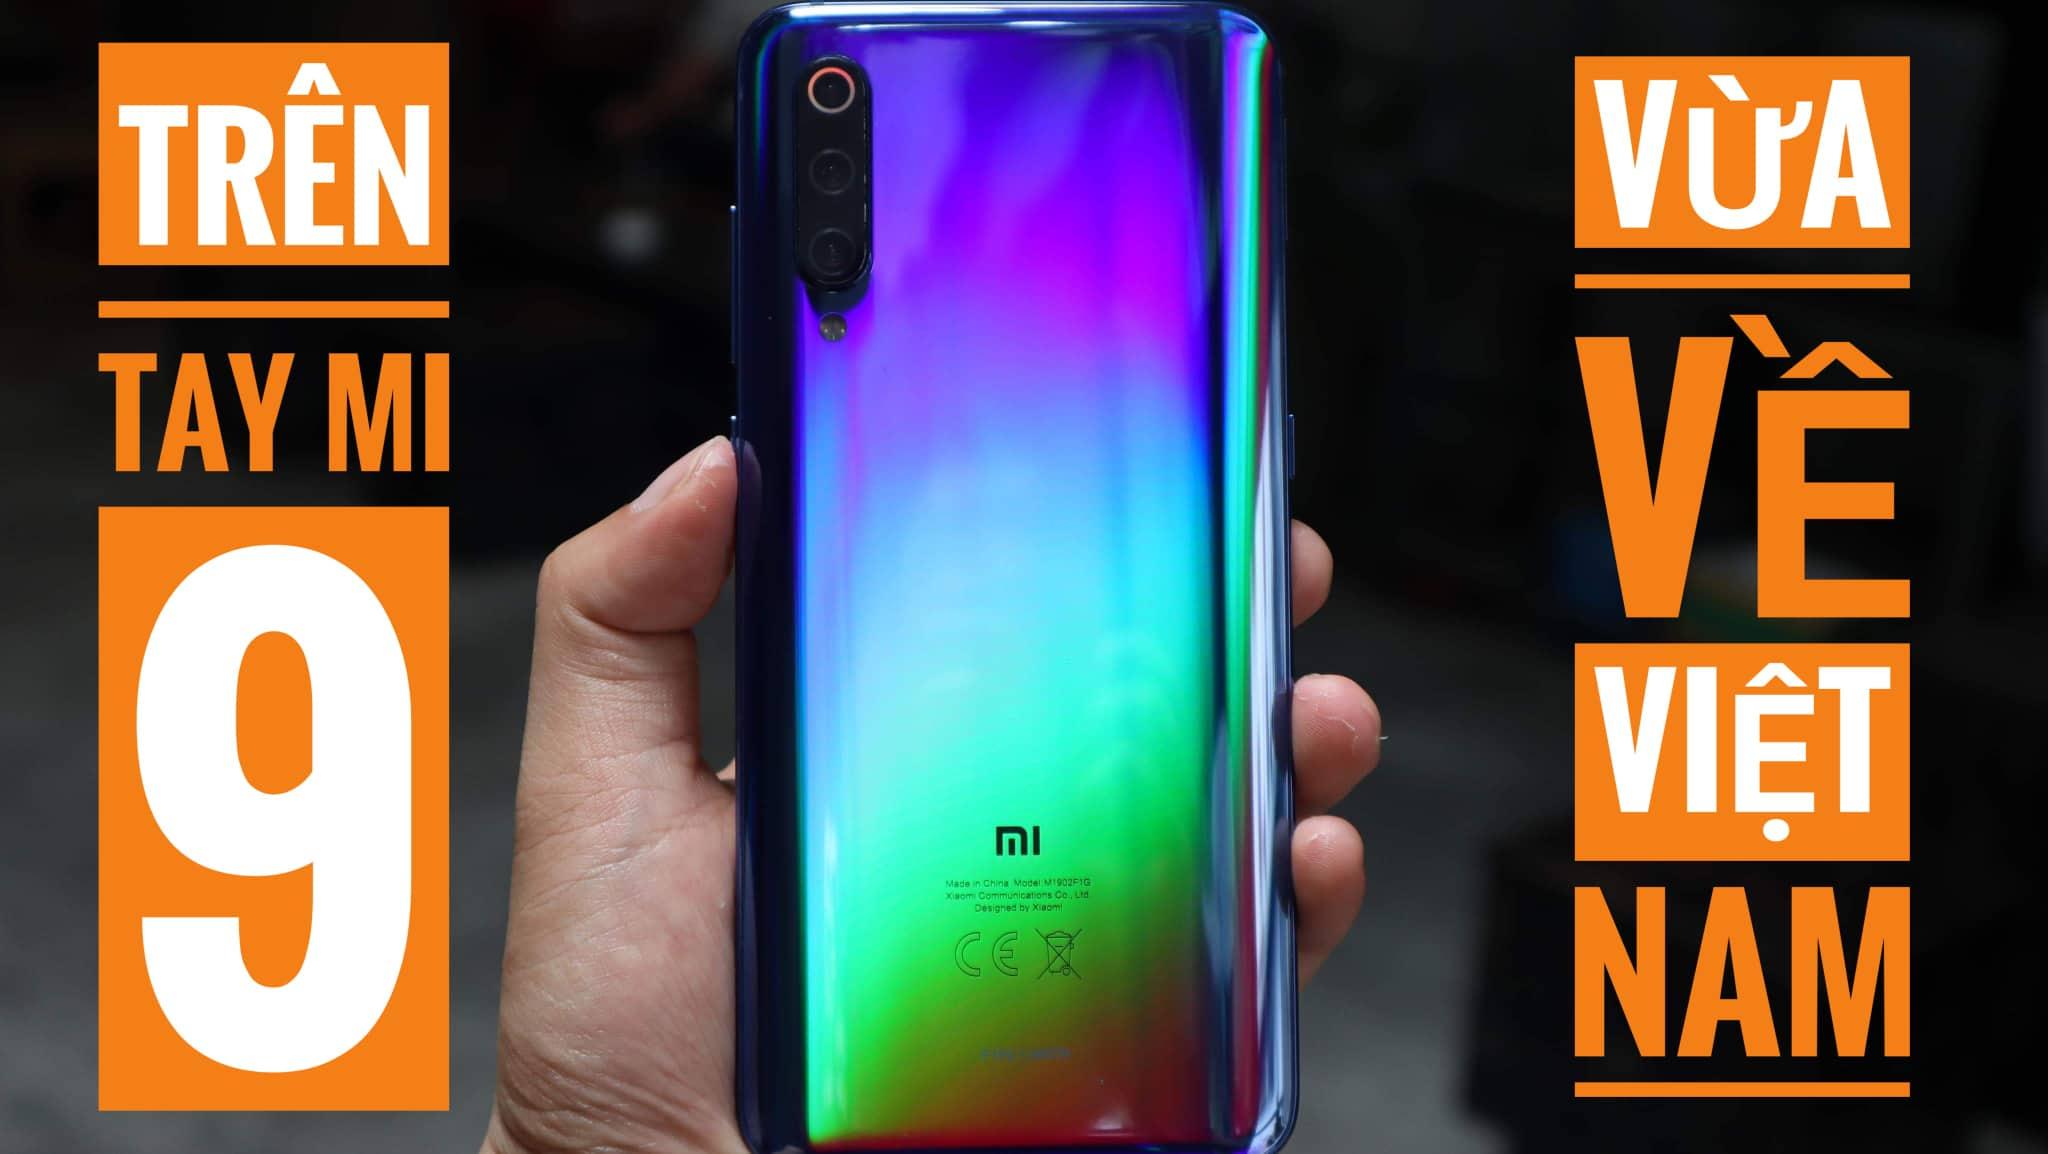 Trên tay Xiaomi Mi 9 vừa về Việt Nam, chụp thử camera 48MP, giá dự kiến 12 triệu đồng